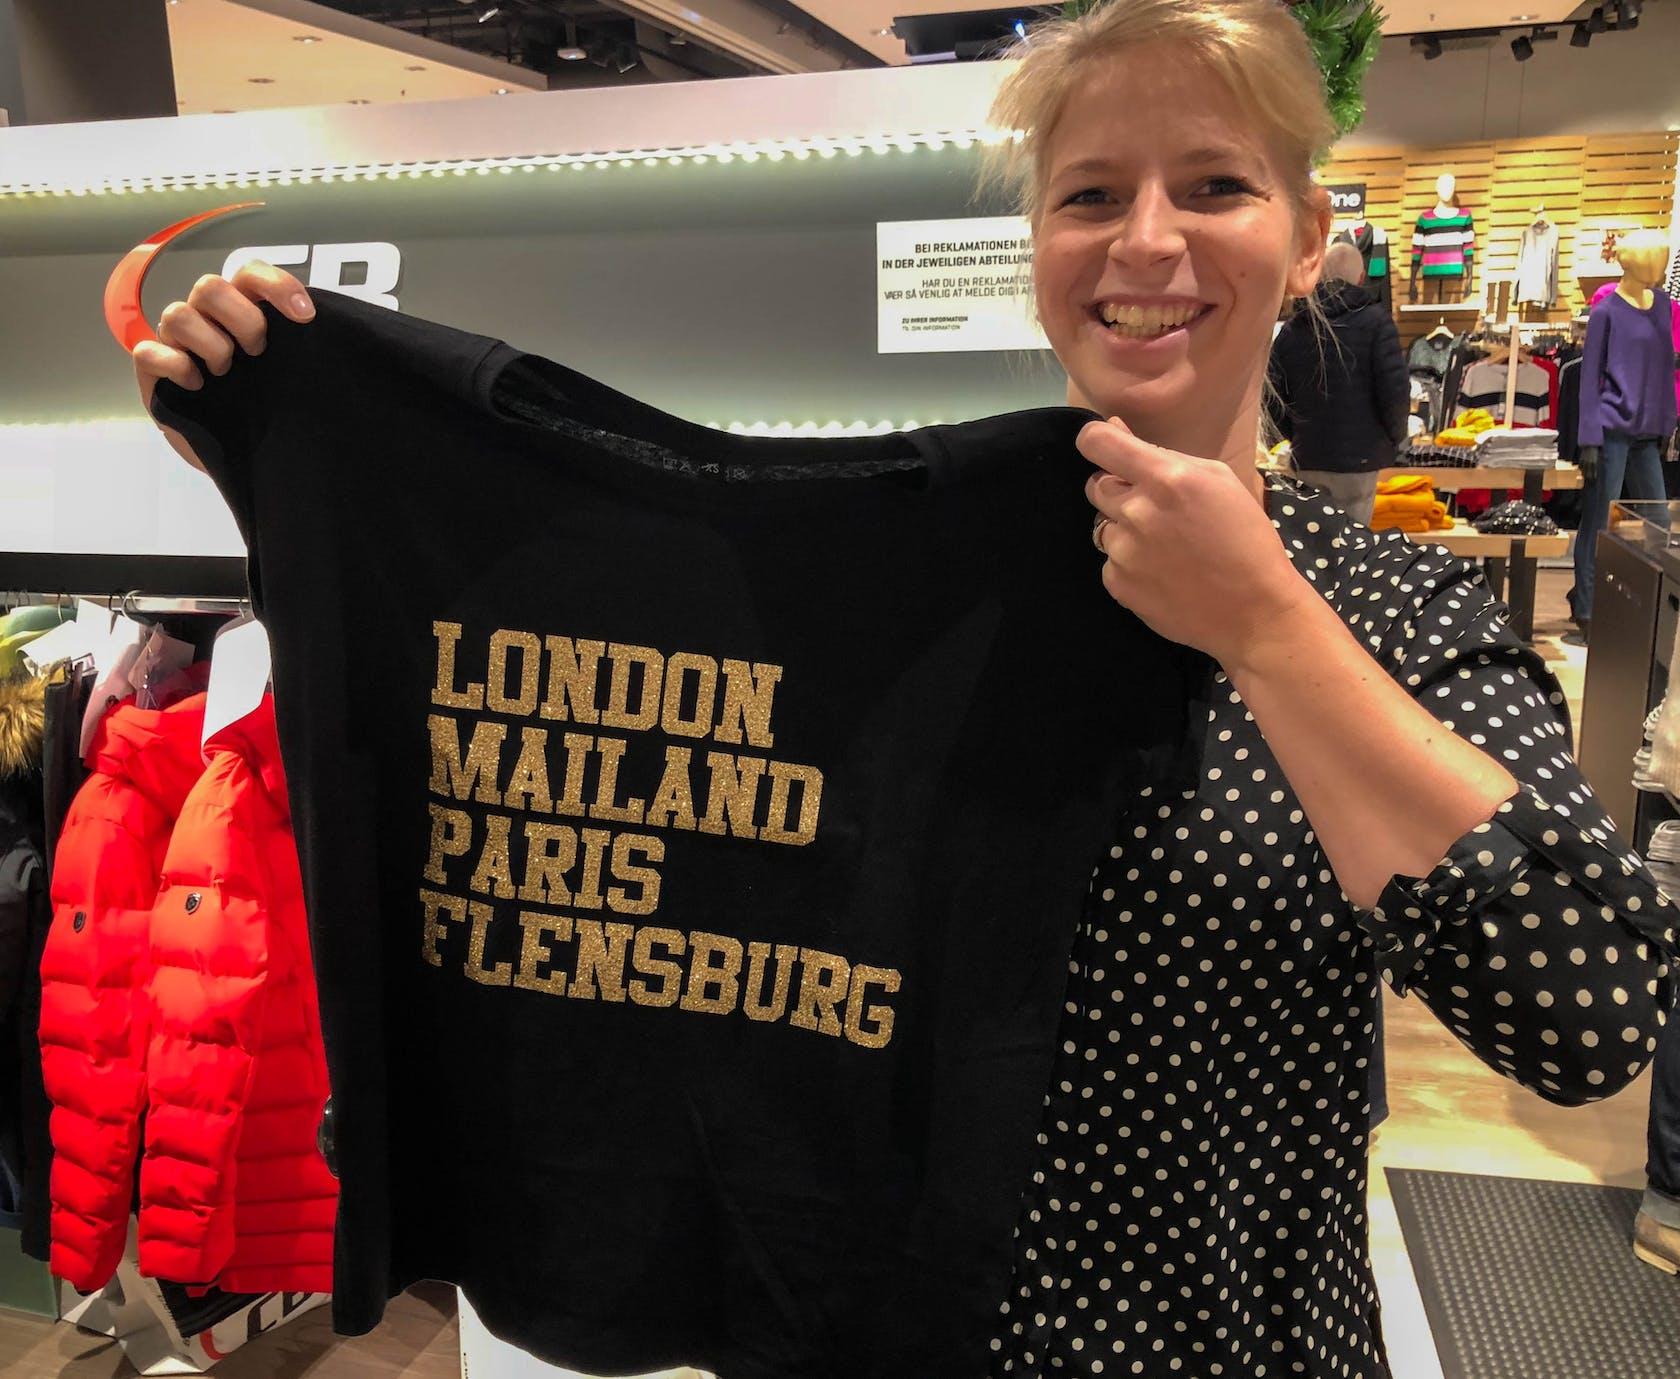 junge Verkäuferin hält T-Shirt hoch